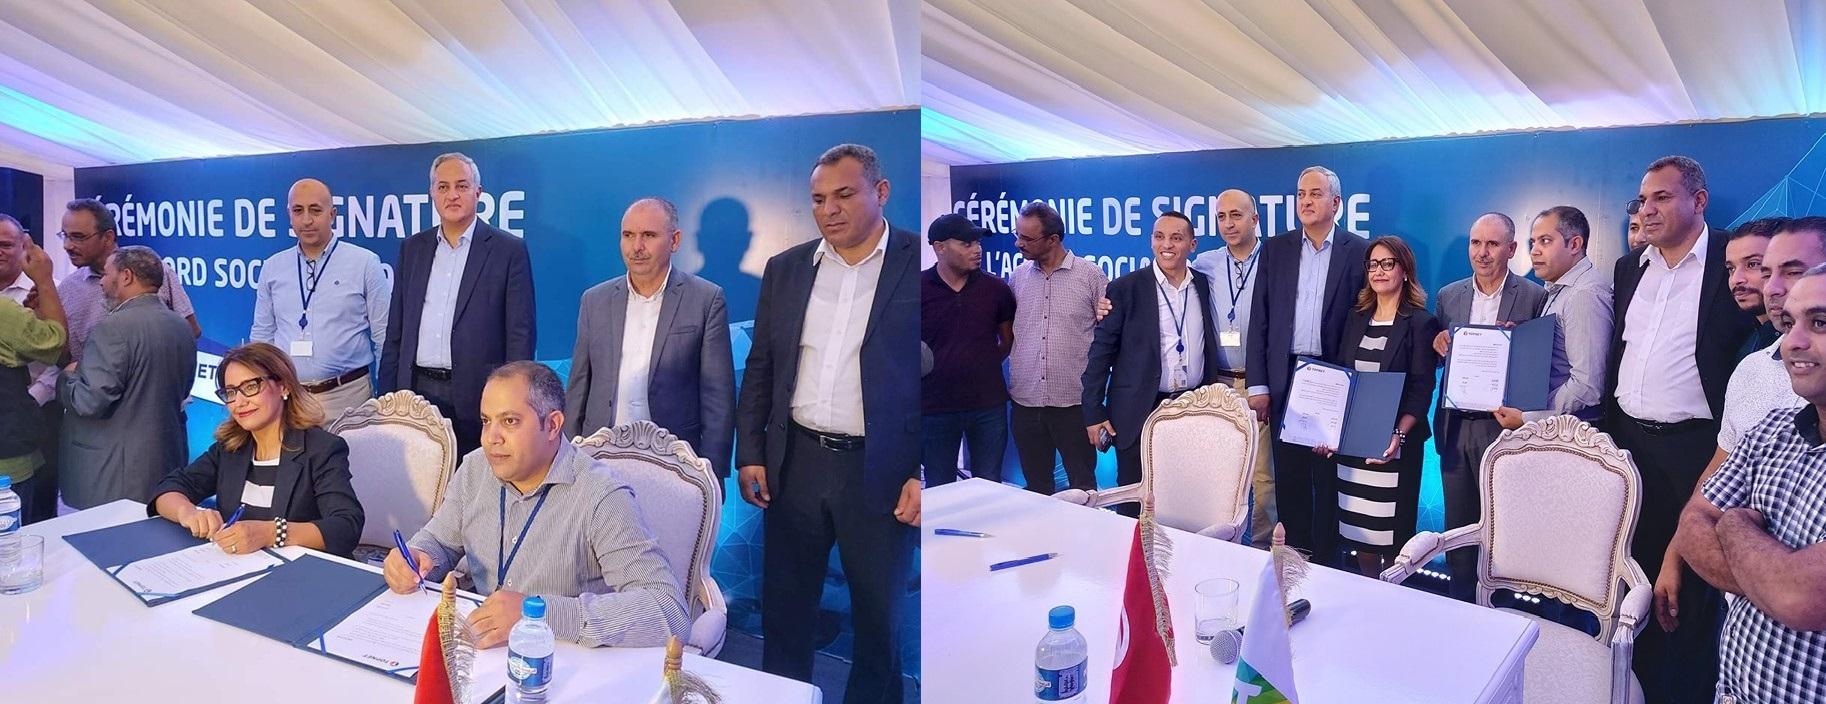 Signature d'un accord de partenariat entre Topnet et l'UGTT